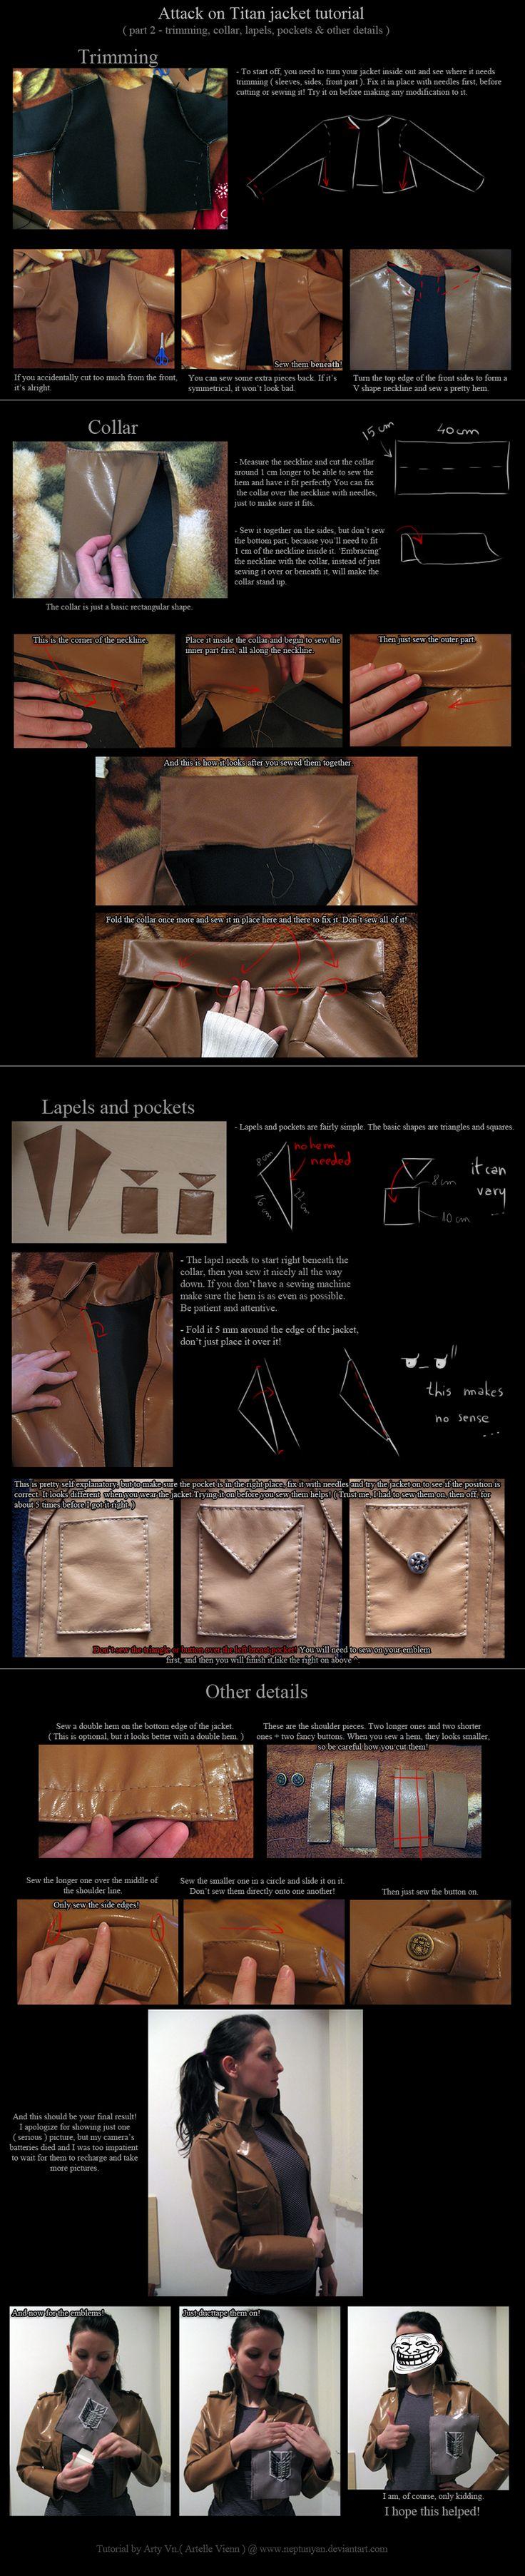 Attack on Titan jacket tutorial - details. by neptunyan.deviantart.com on @deviantART